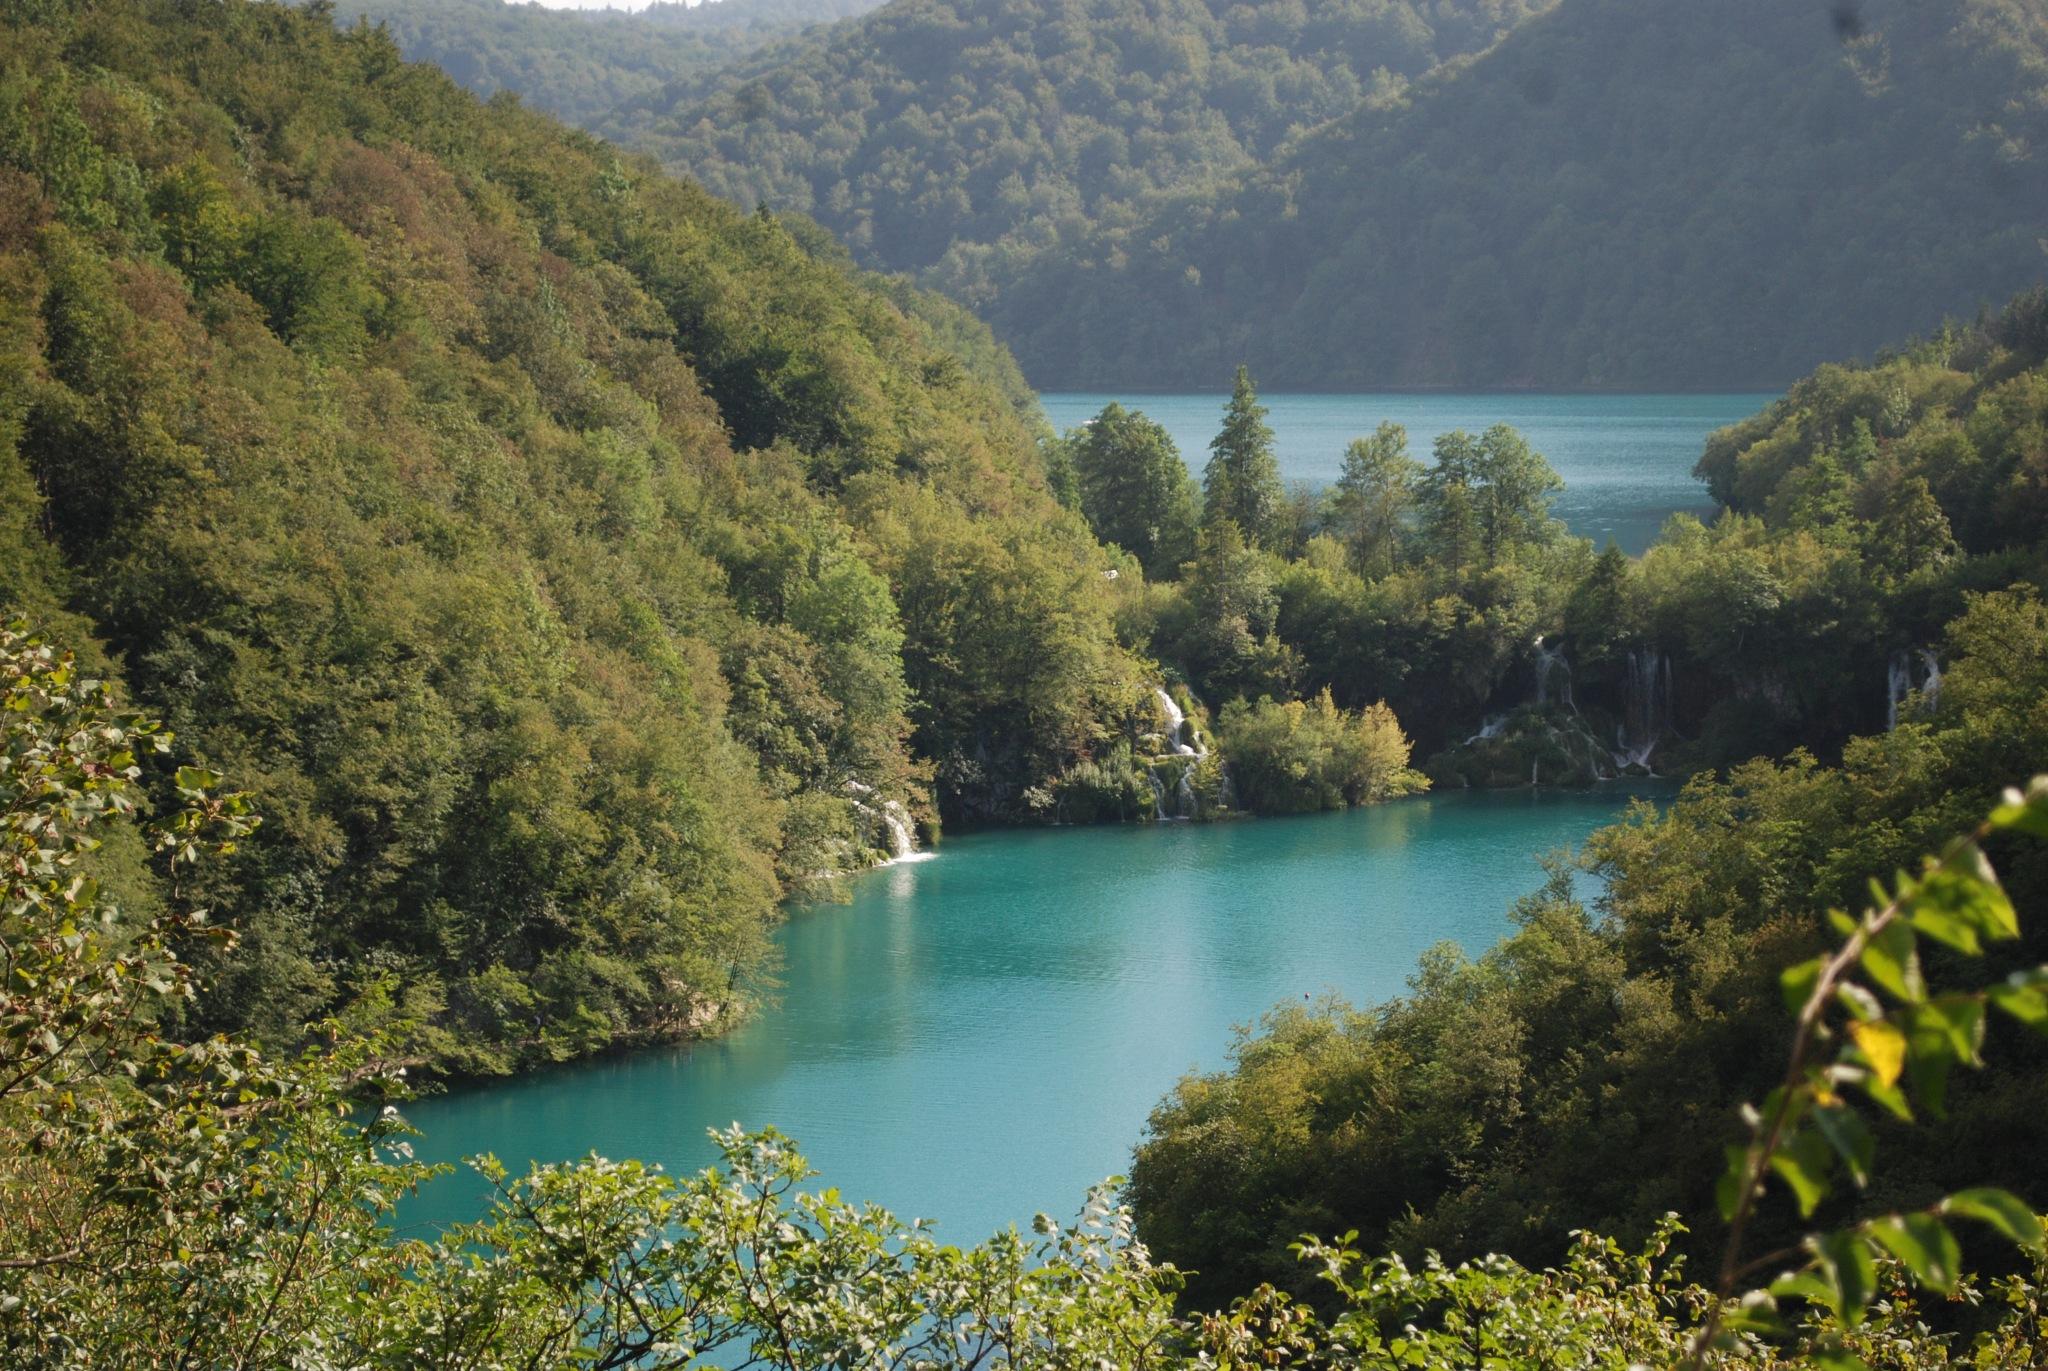 Plitvicka jezera by Borsos István